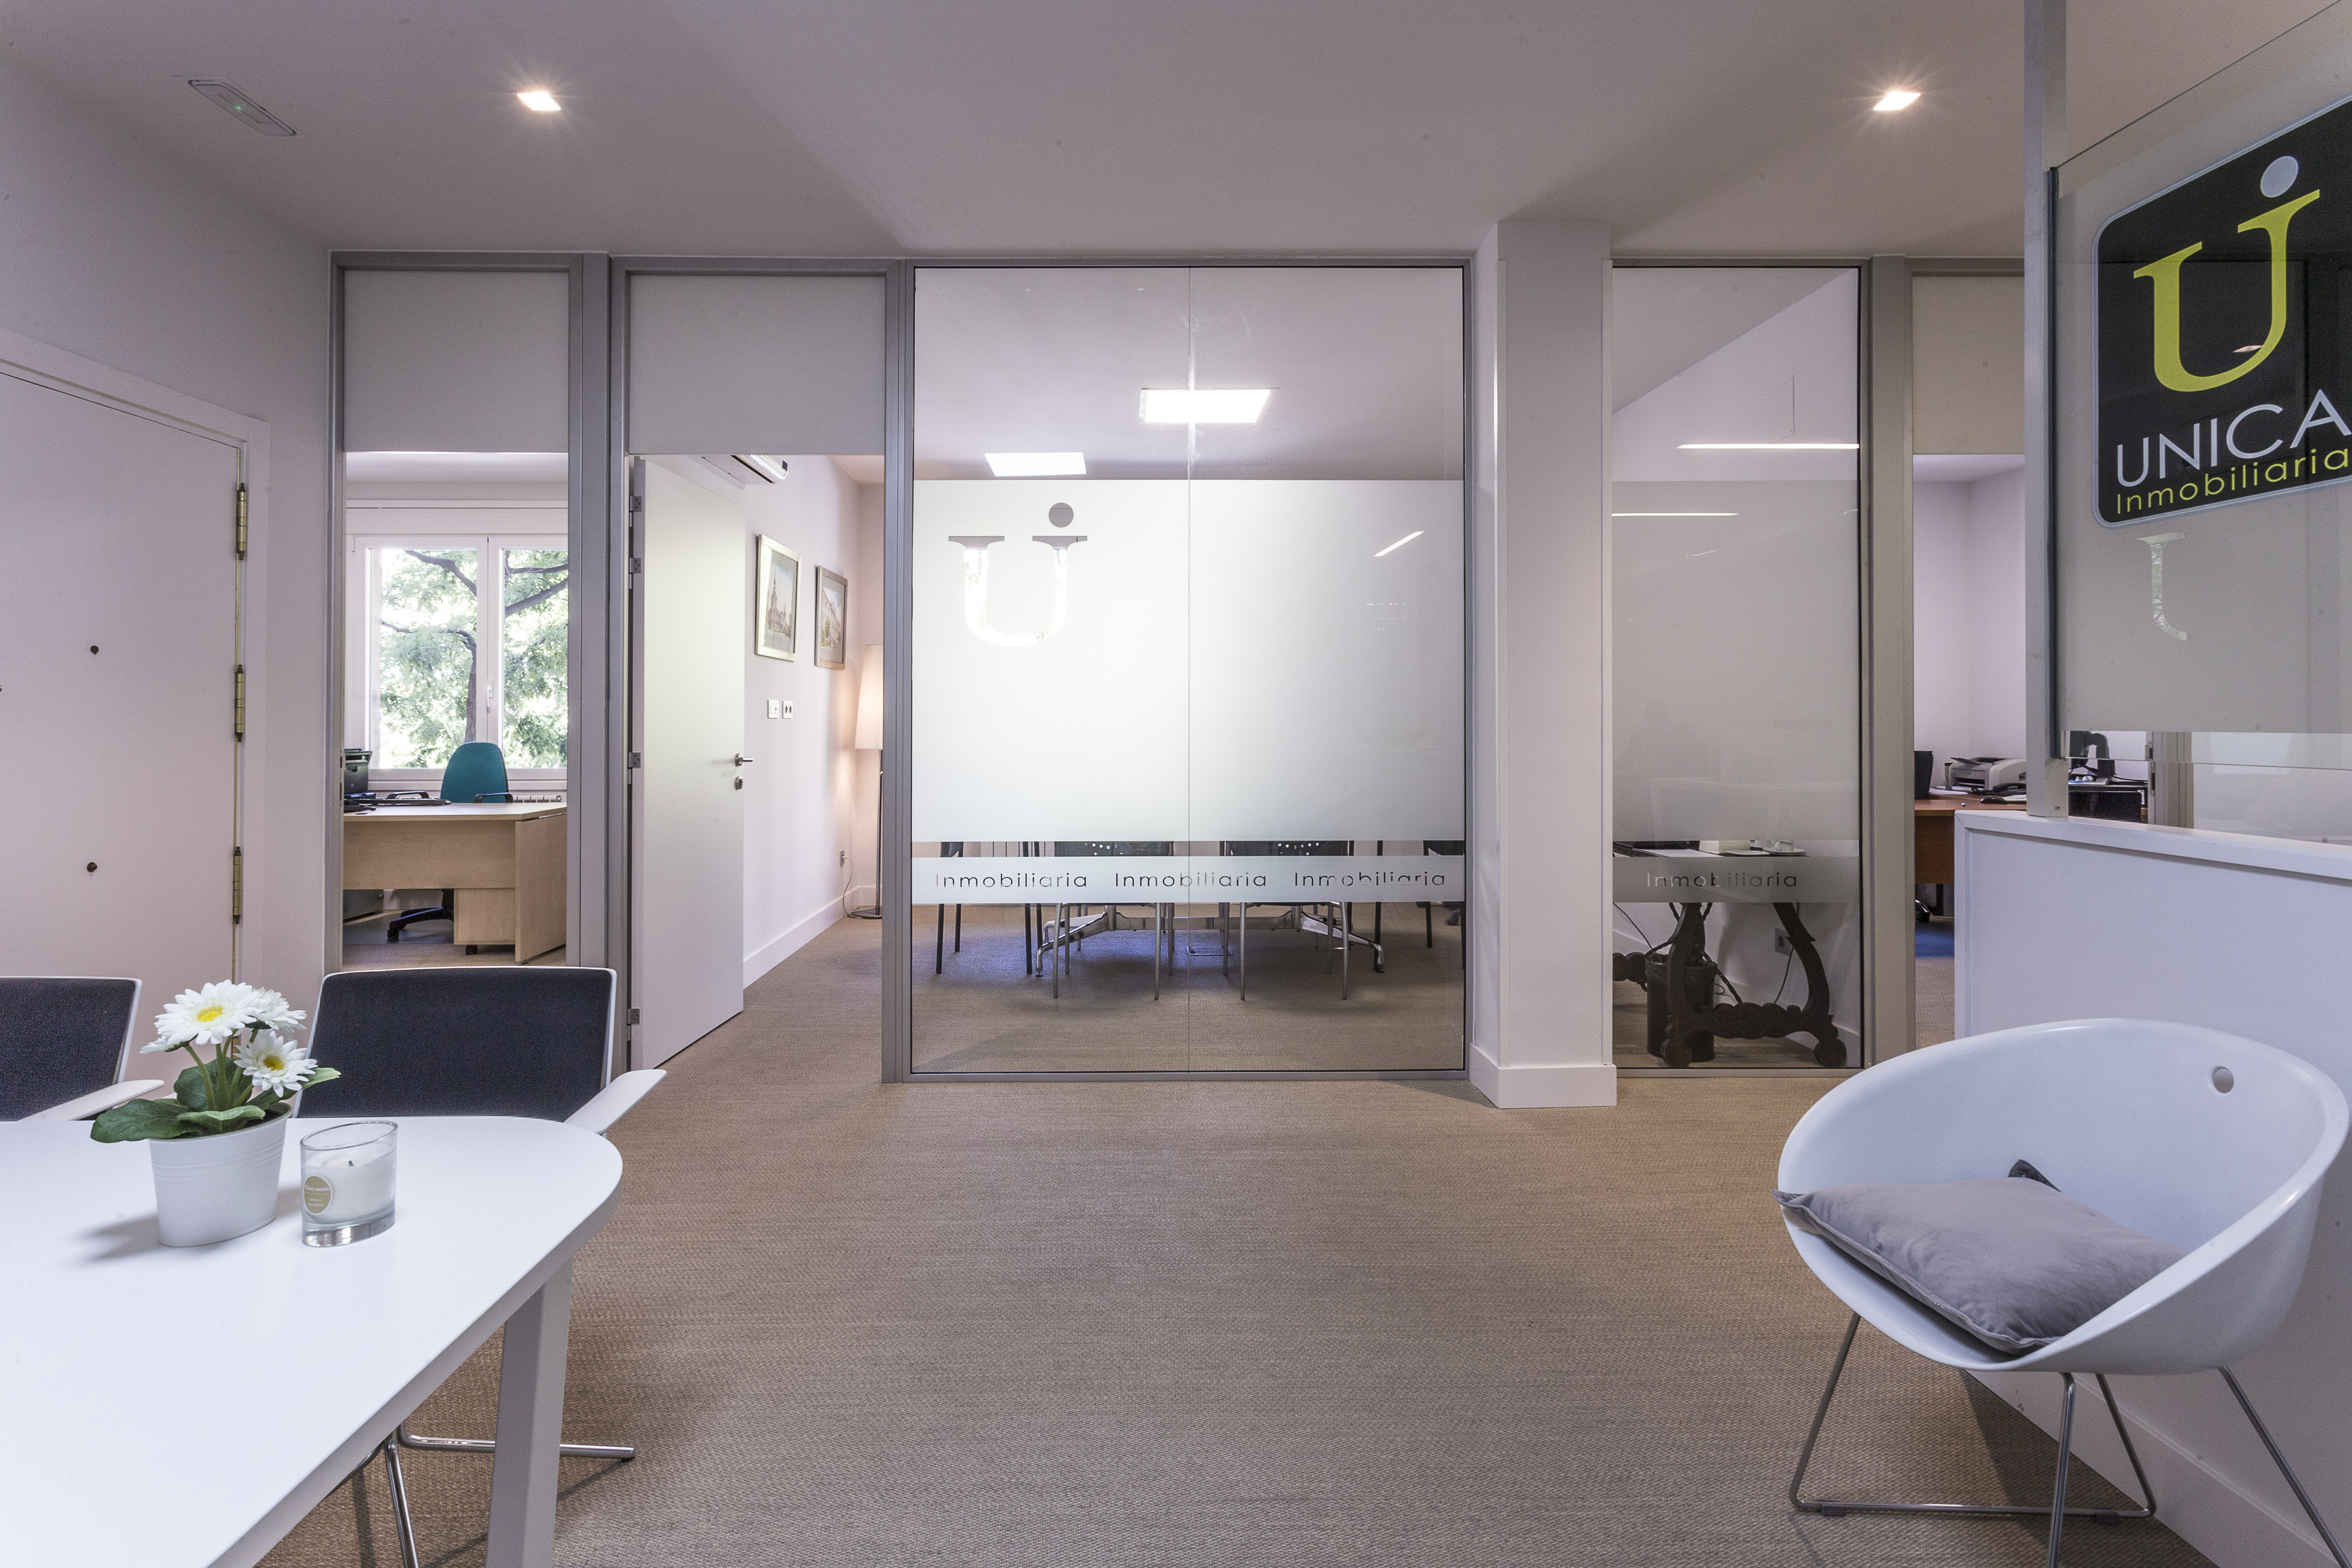 Nueva oficina de unica inmobiliaria pisos exclusivos en for Horario oficinas bankinter madrid